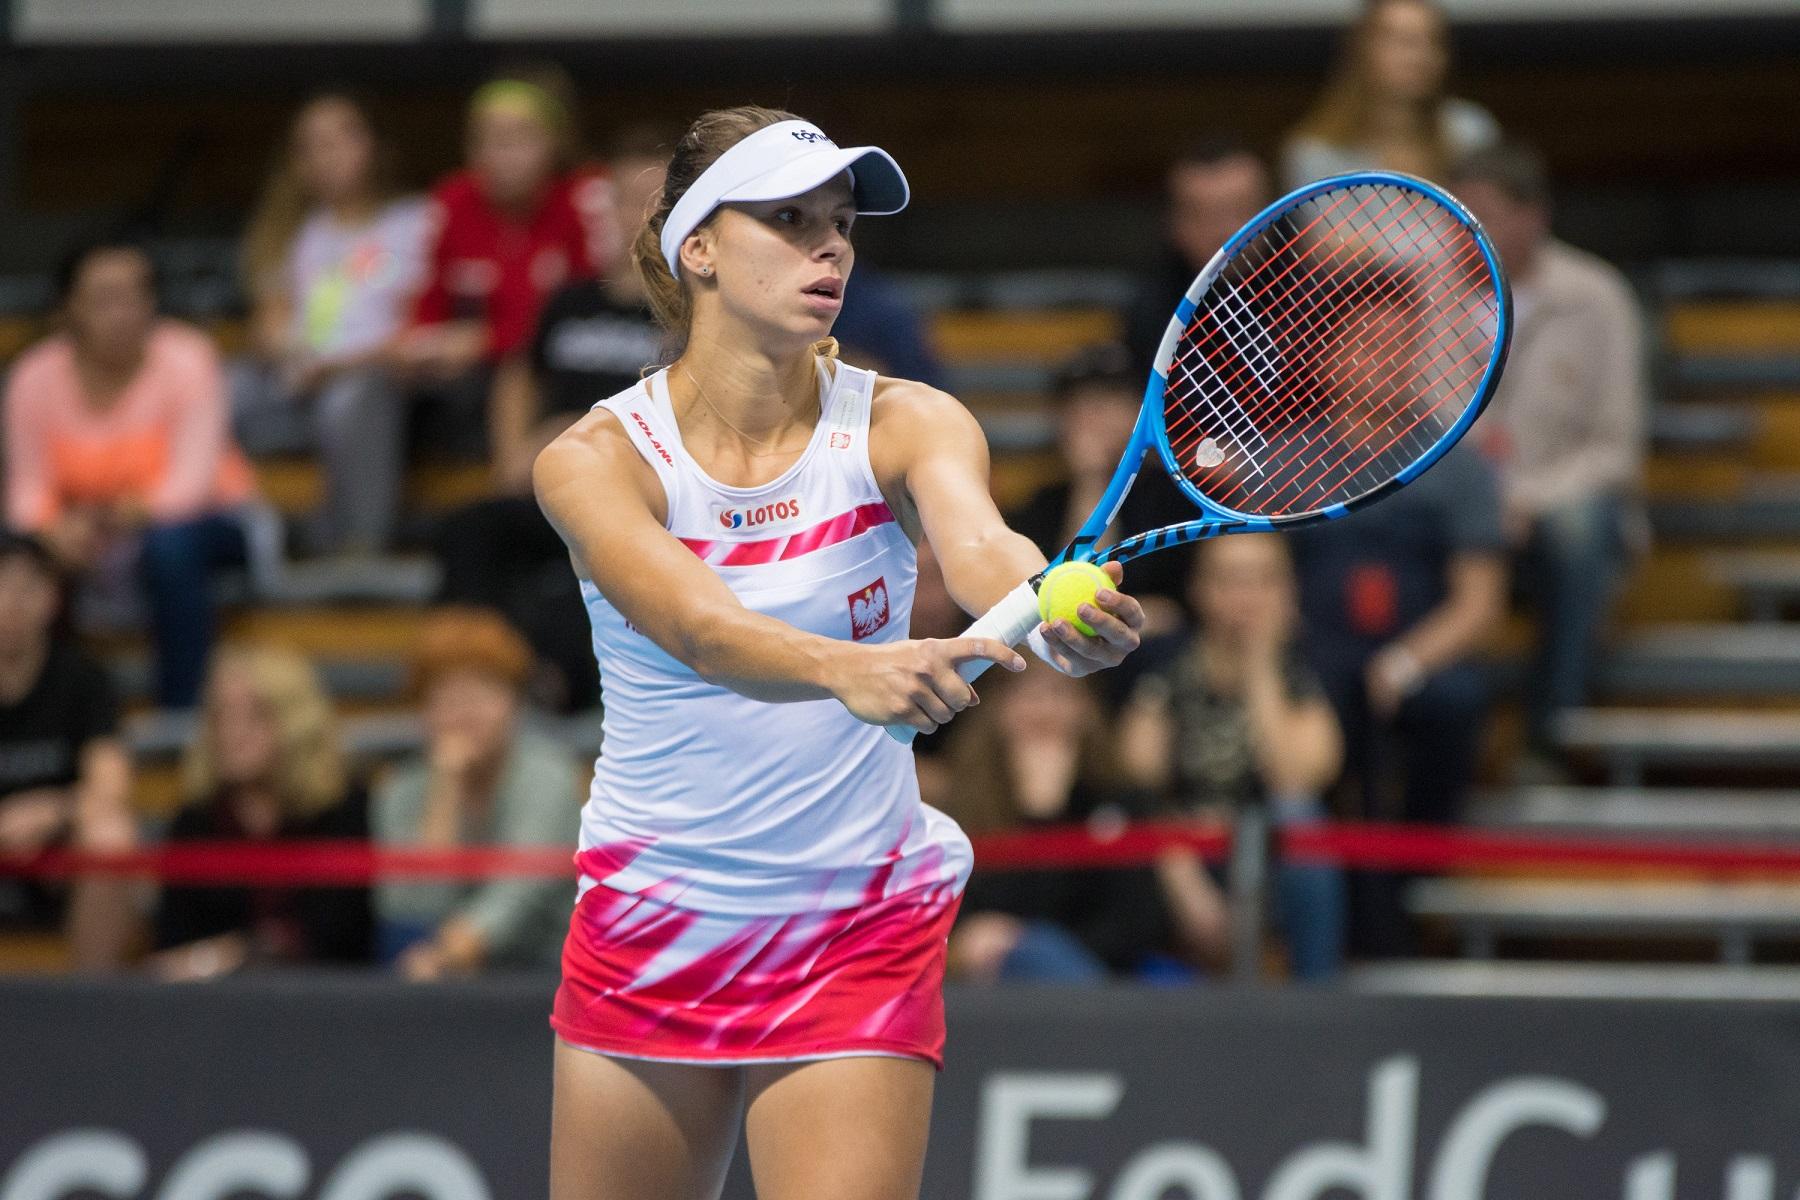 Tenis ziemny kobiet. FedCup. Polska - Dania. 08.02.2019